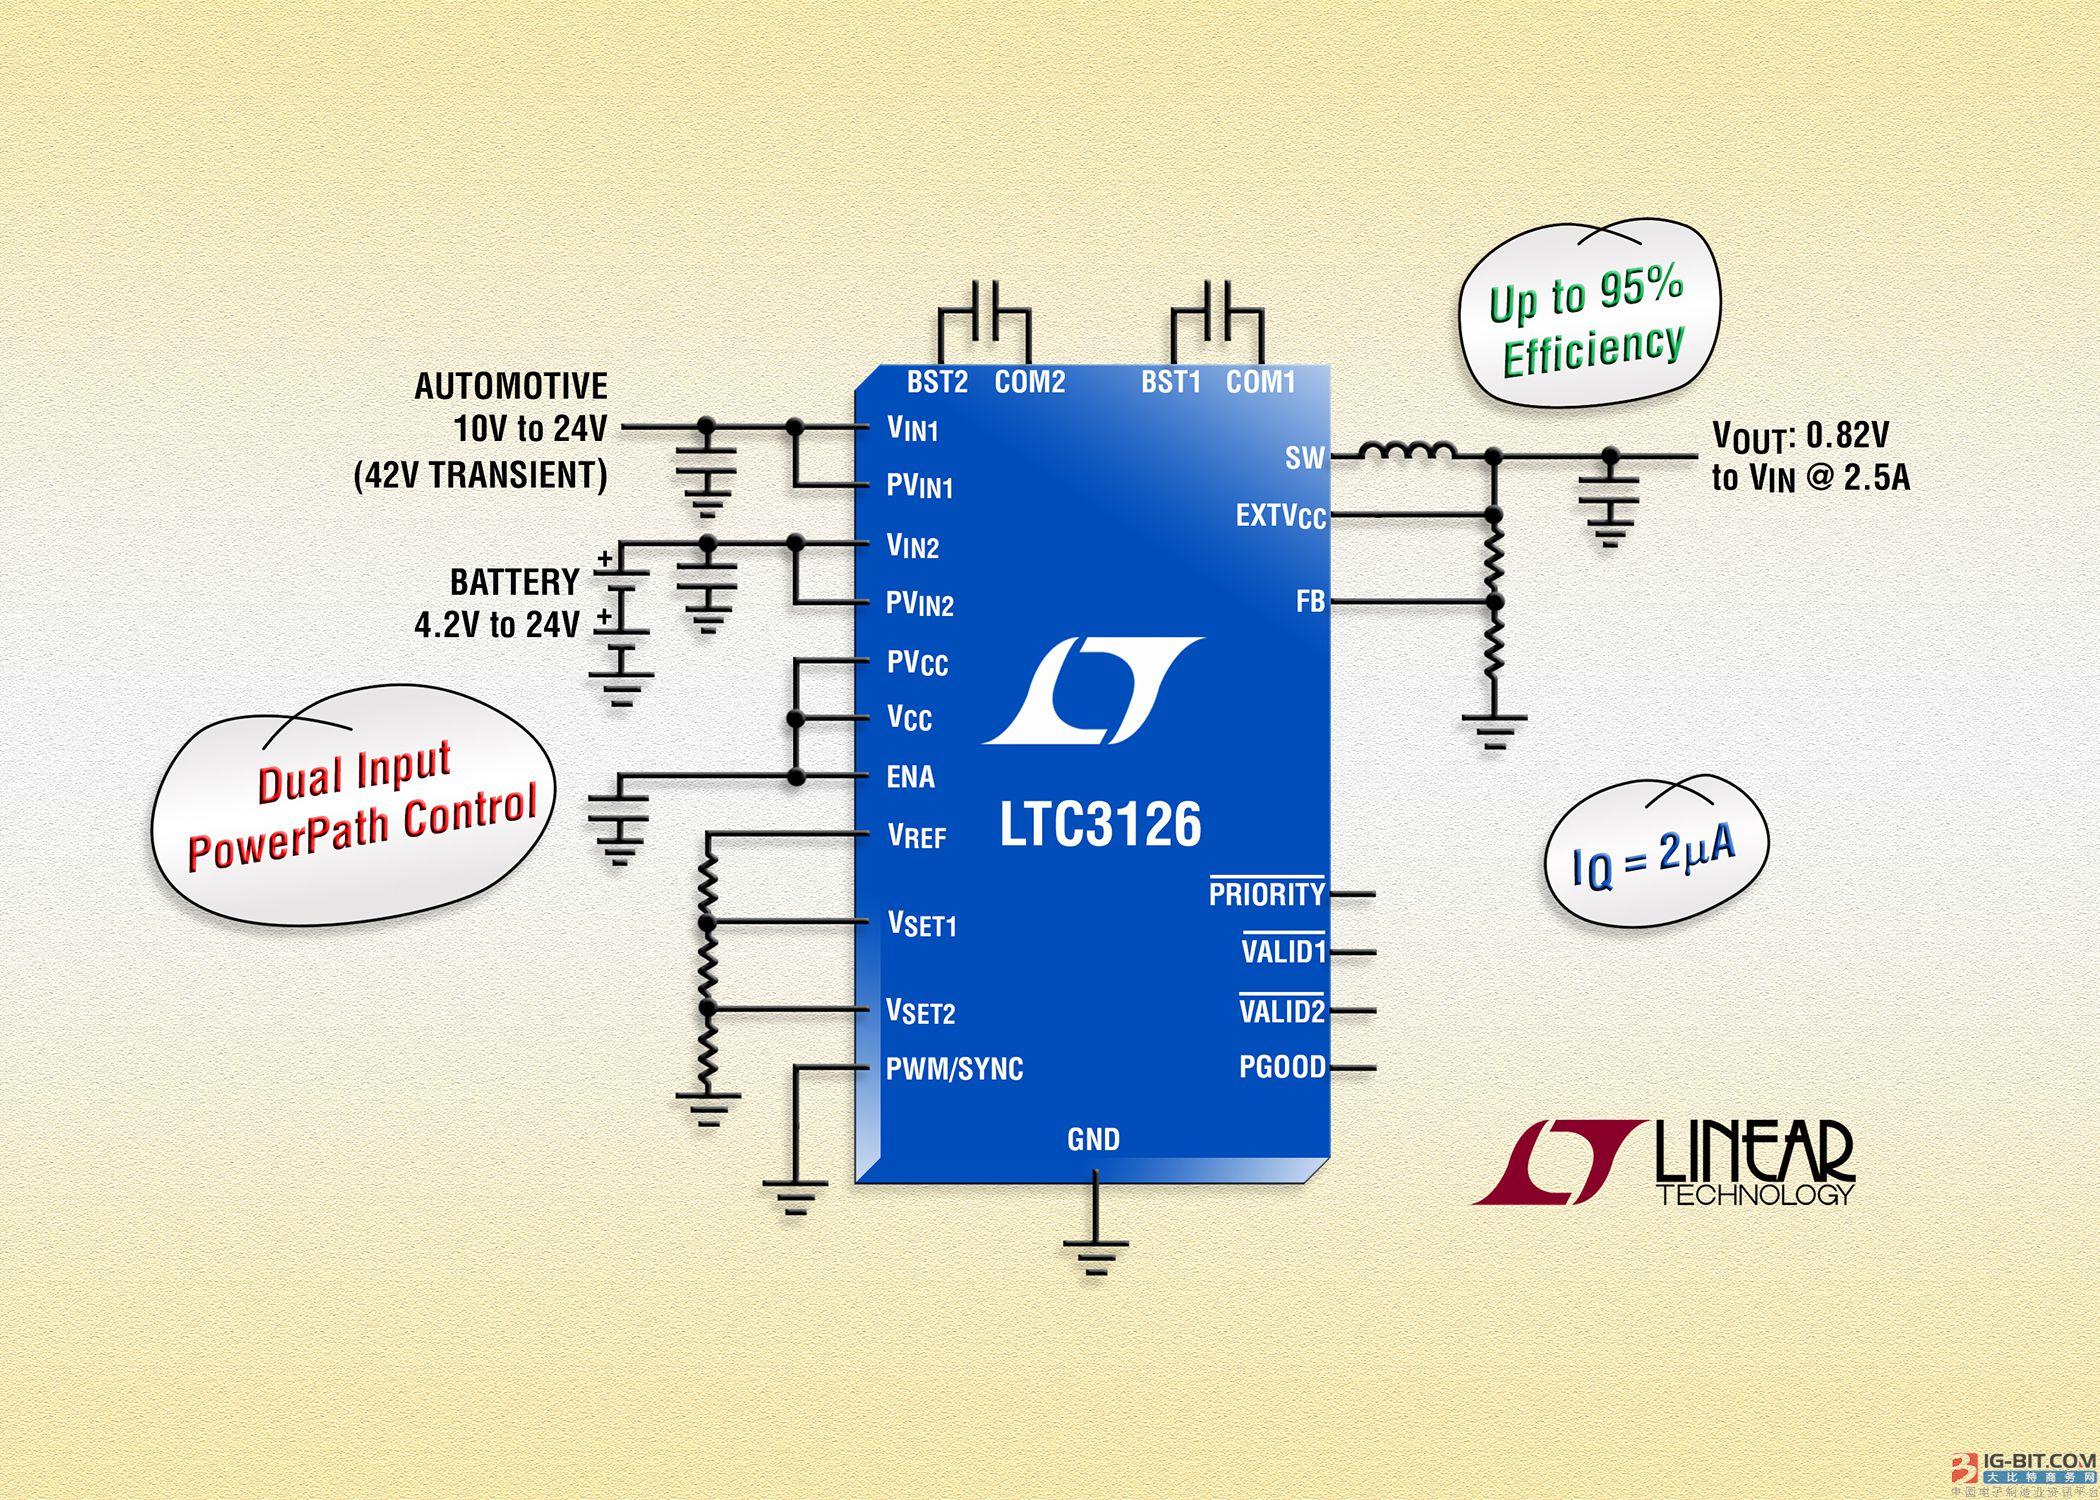 双输入、2.5A 同步降压型 DC/DC 转换器采用无损耗电源通路控制以在 2.4V 至 42V 输入范围内提